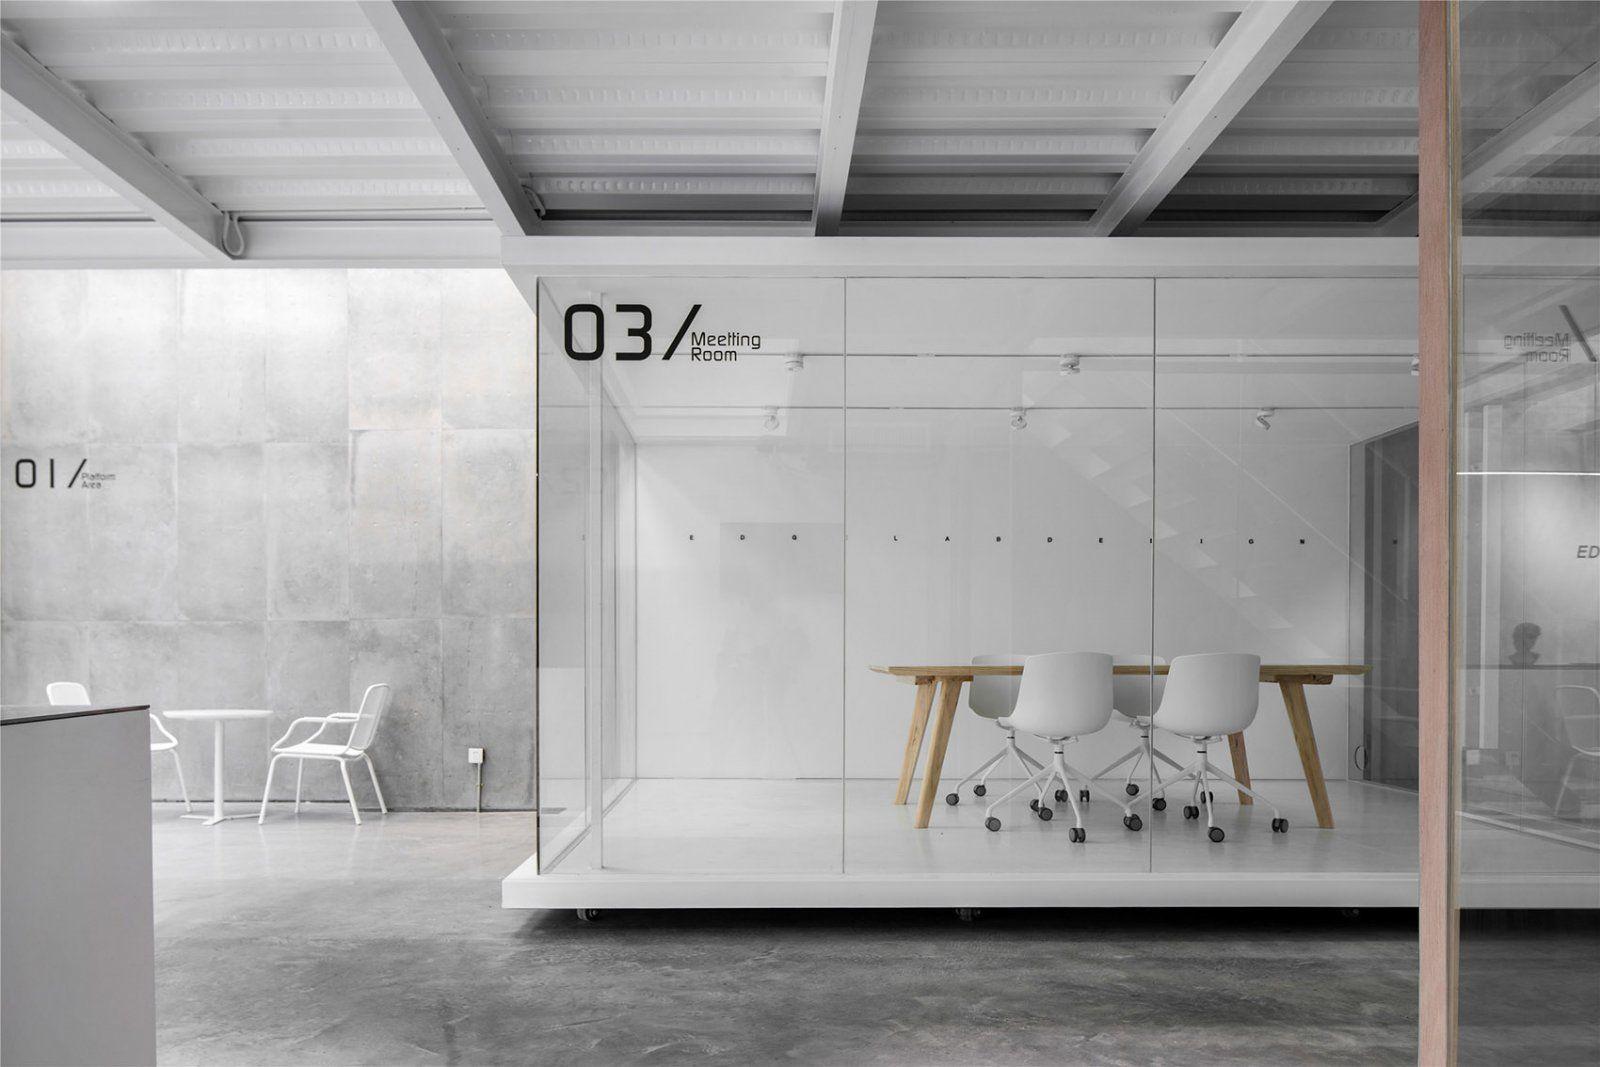 移动的玻璃盒子,广东Edgelab办公空间 | Edgelab边界实验工作室|黄智武、何钢荣 - 8